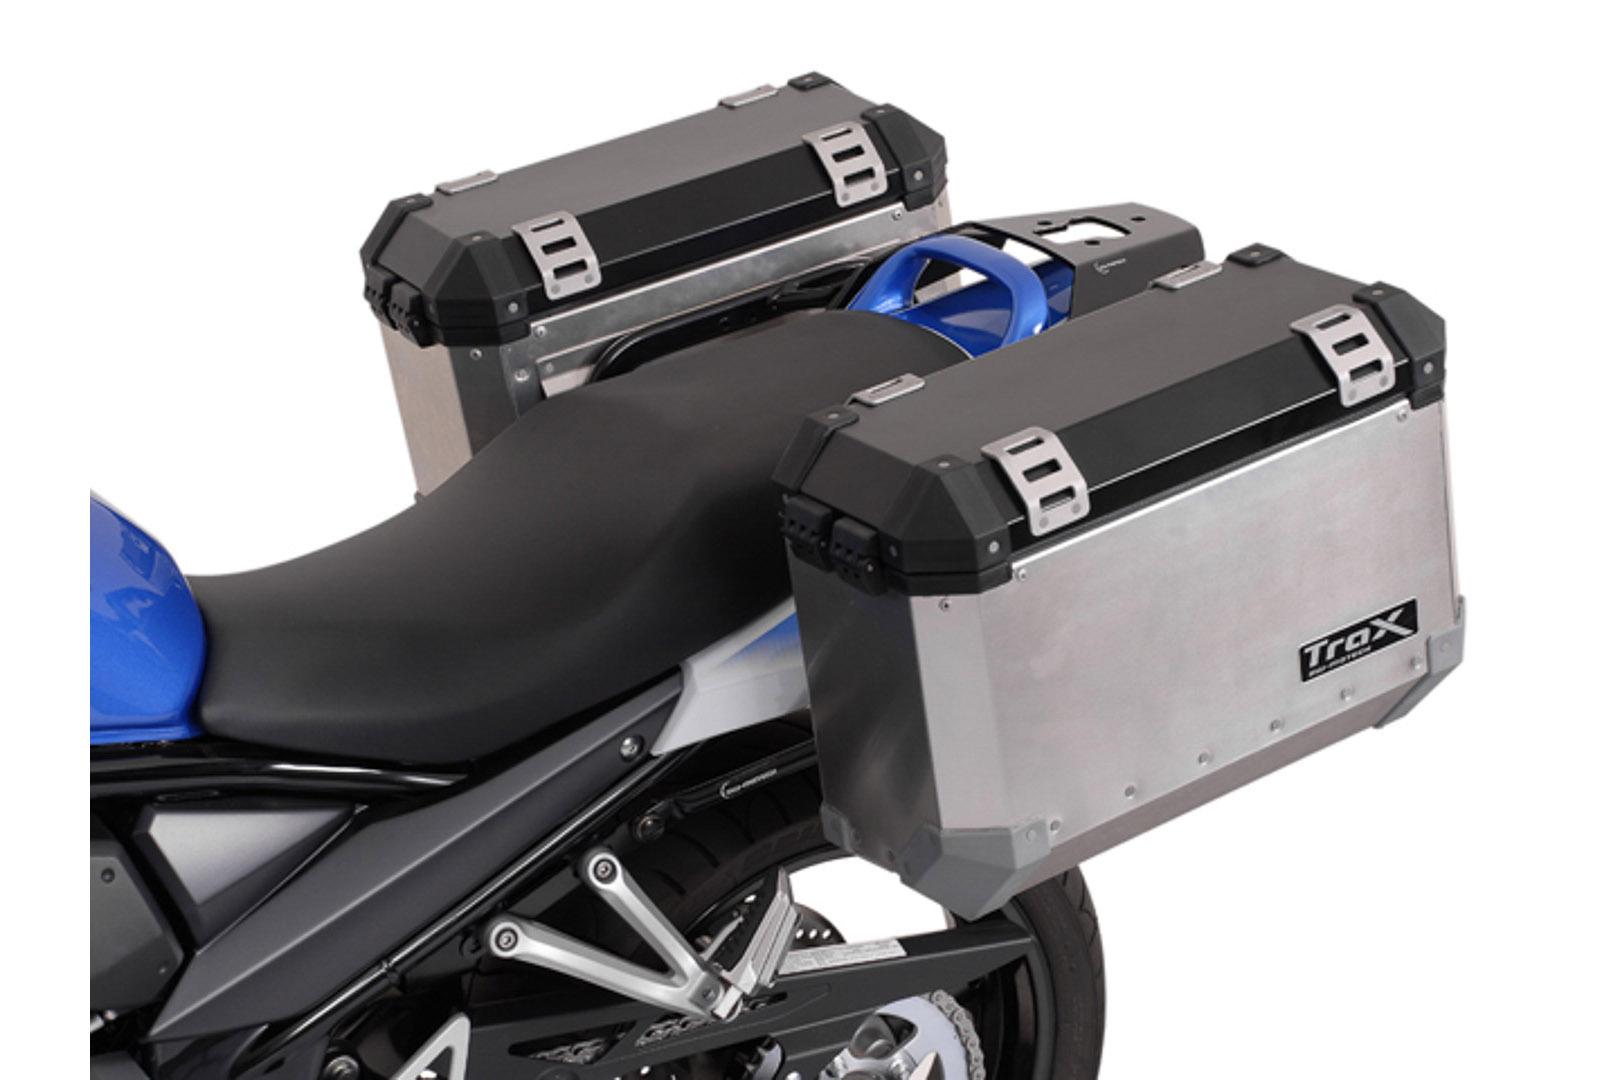 SW-Motech Quick-Lock Evo sivutelinesarja Suzuki GSF650/GSF1200/GSF1250 Bandit